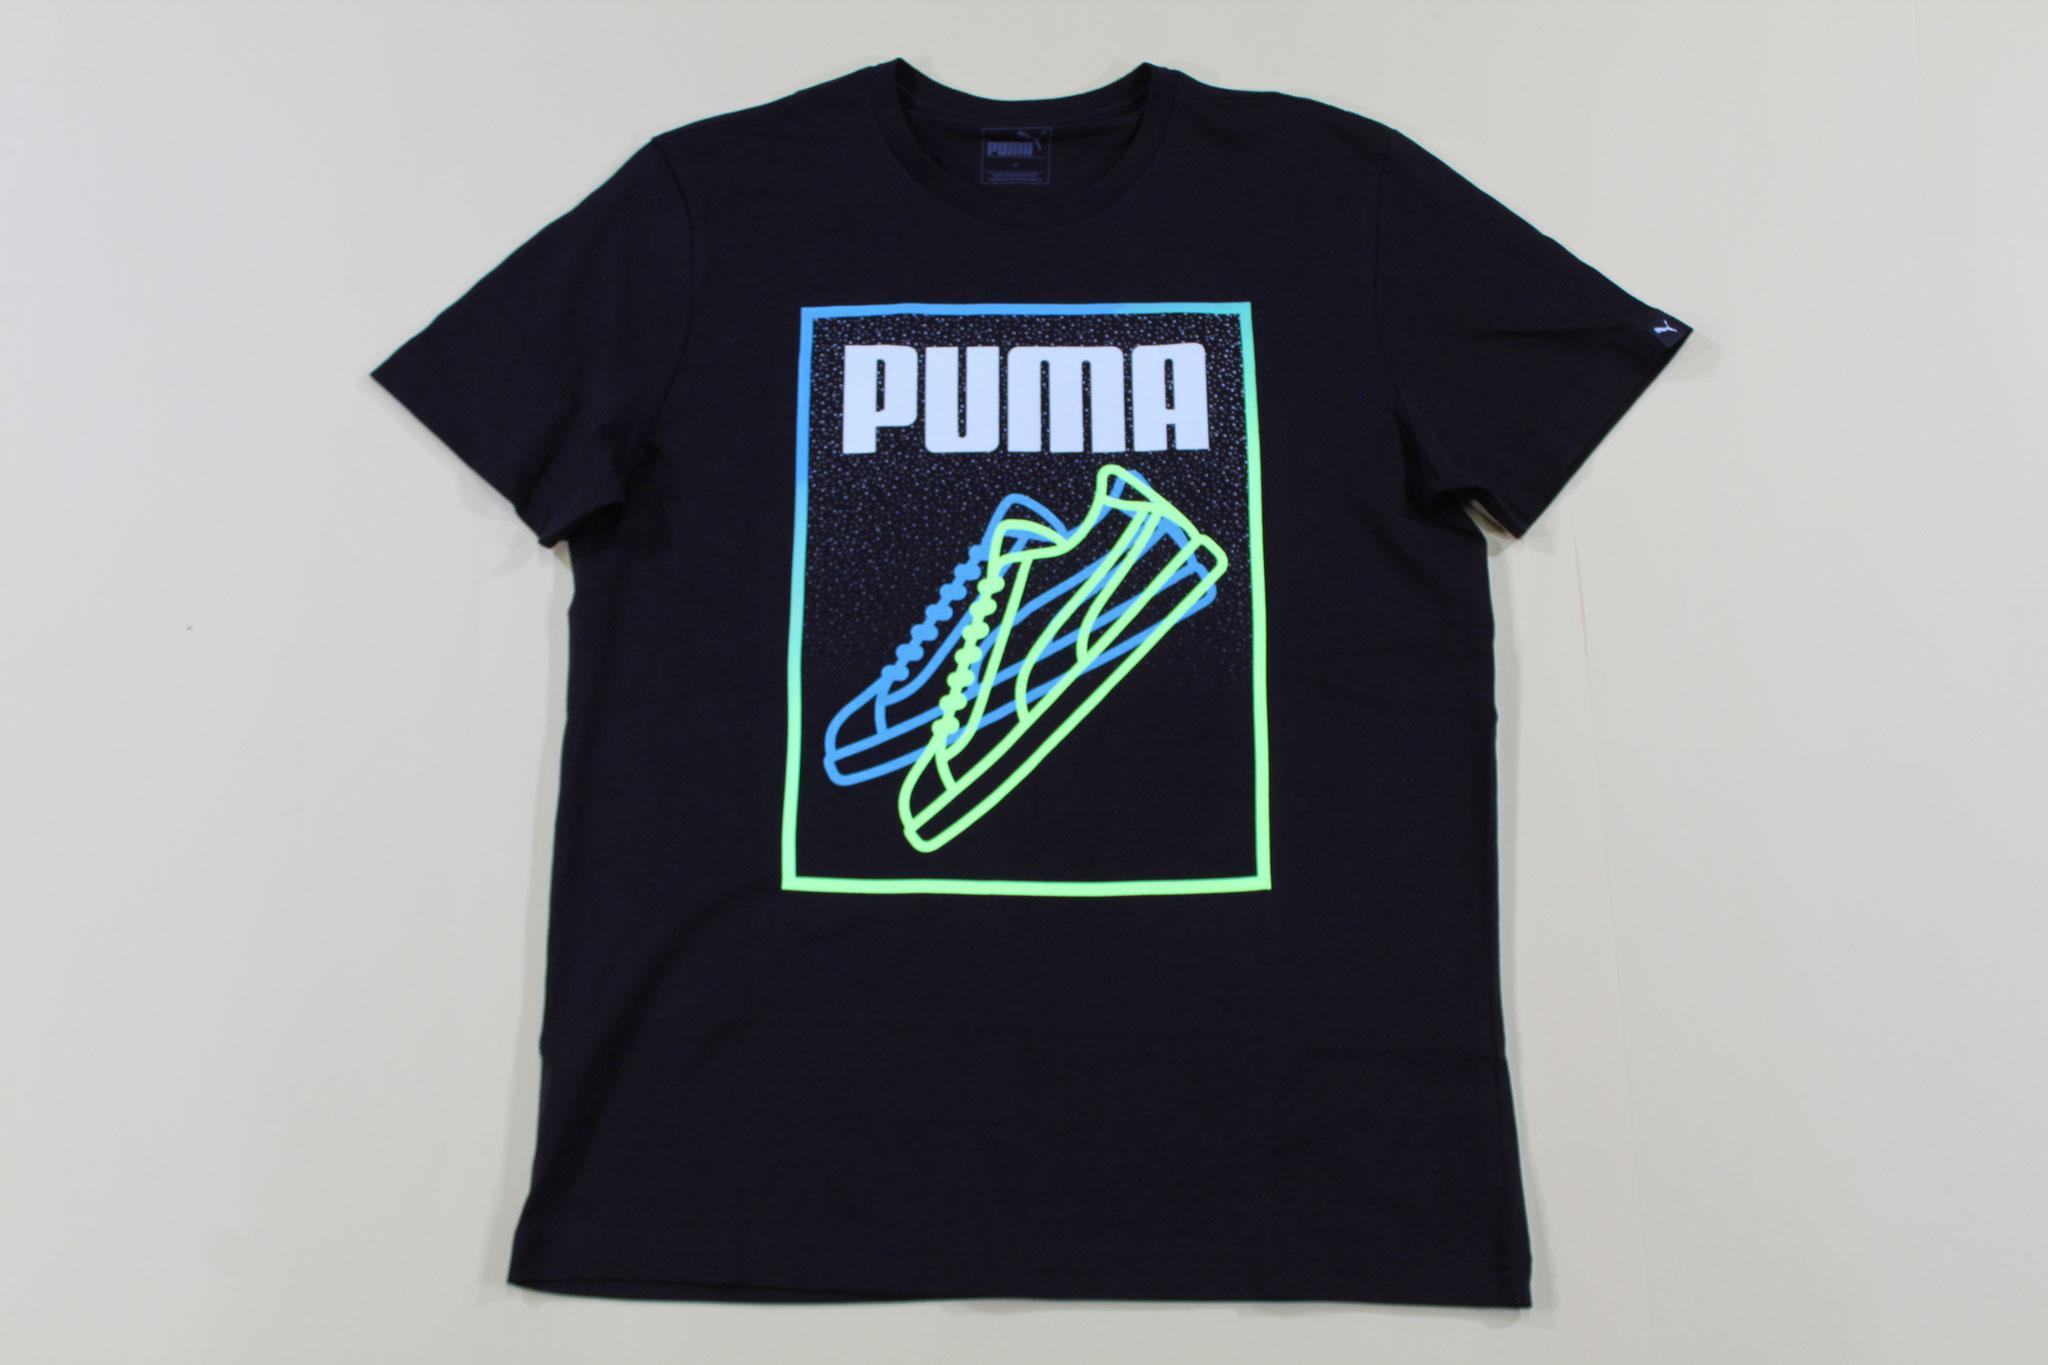 プーマ スニーカーラインTシャツ